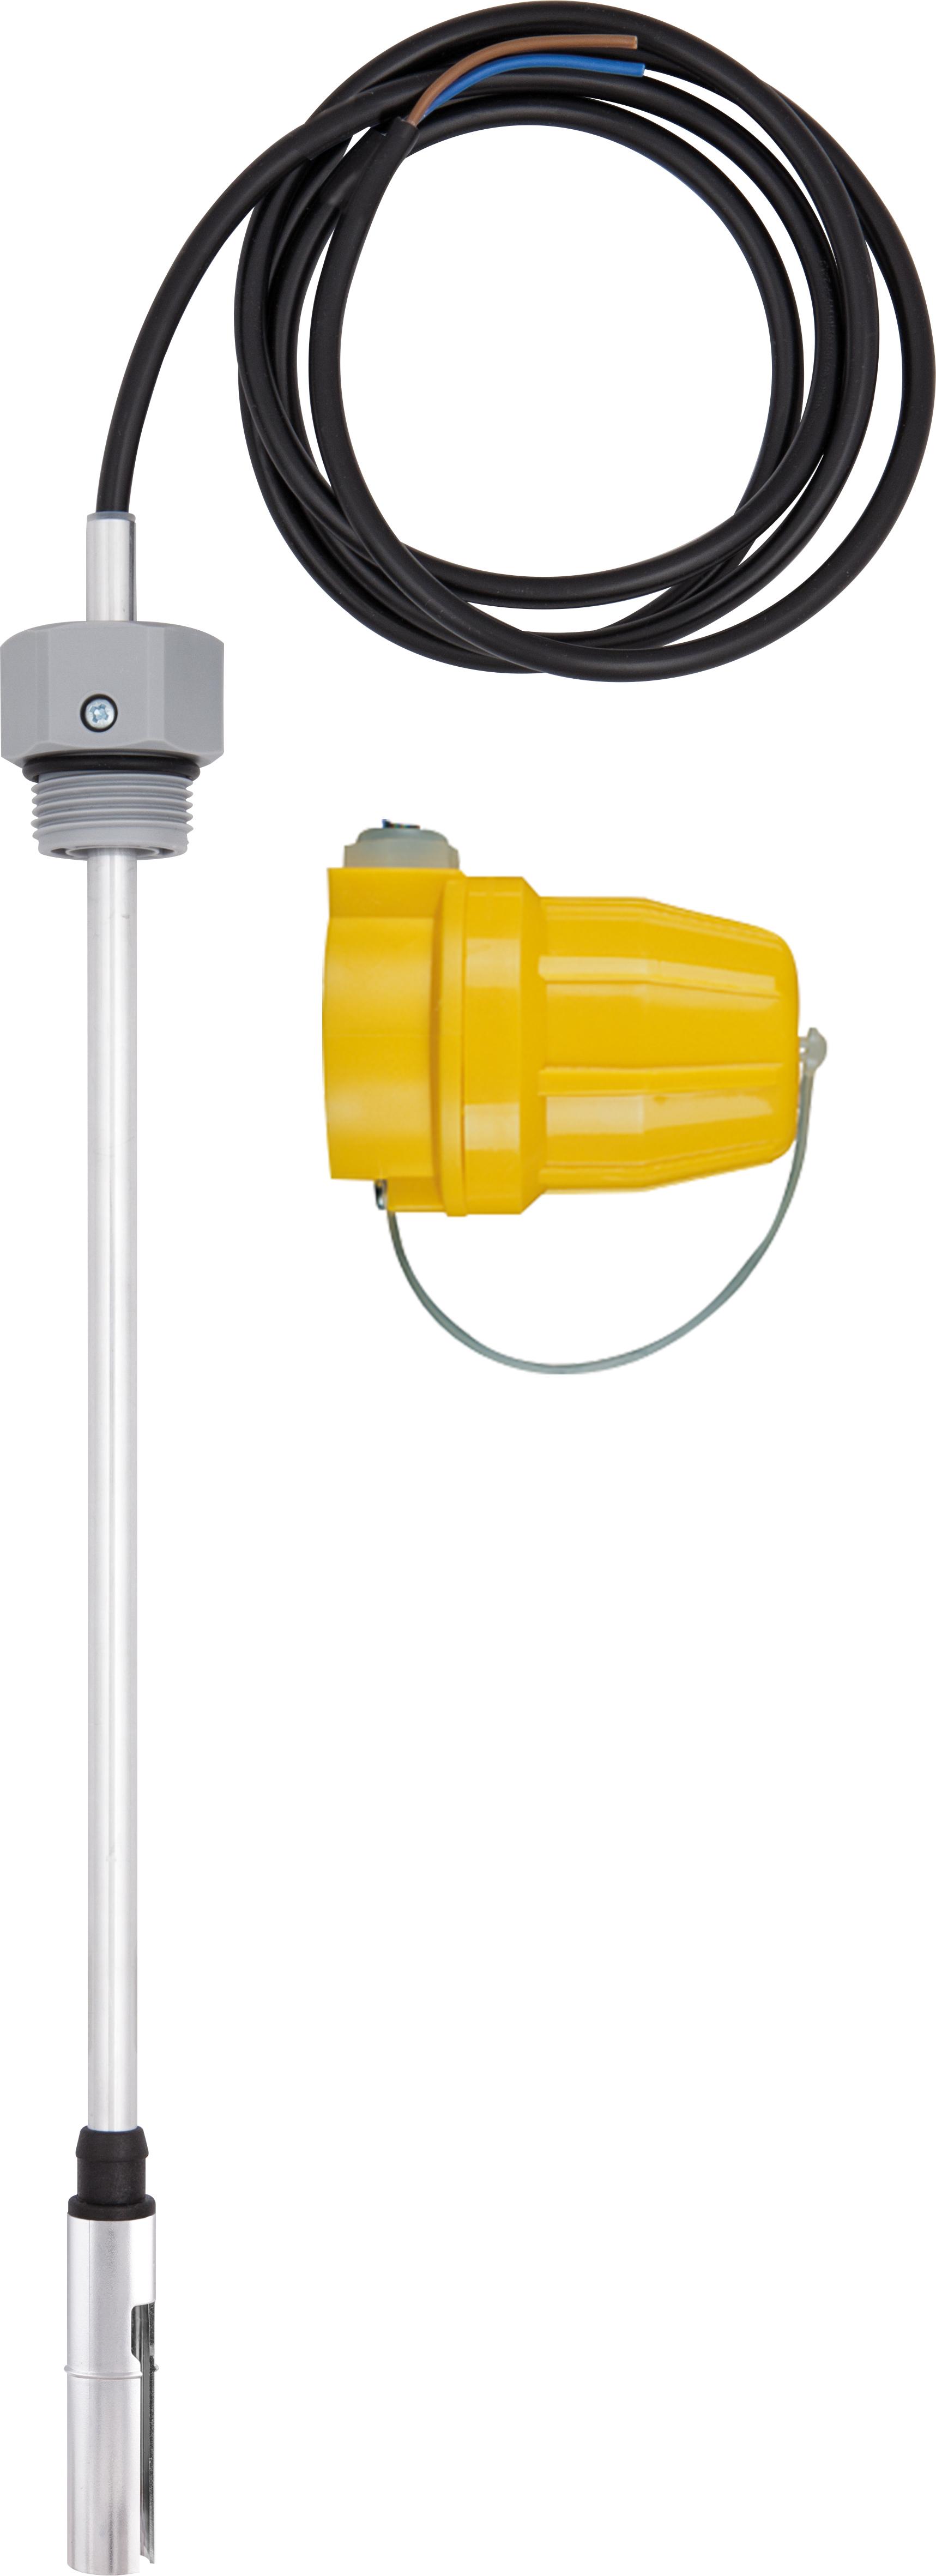 """Termistorowy czujnik wartości granicznej GWG 12 K/1, 360 mm, G1"""", kabel 1,5 m, wtyczka żółta"""